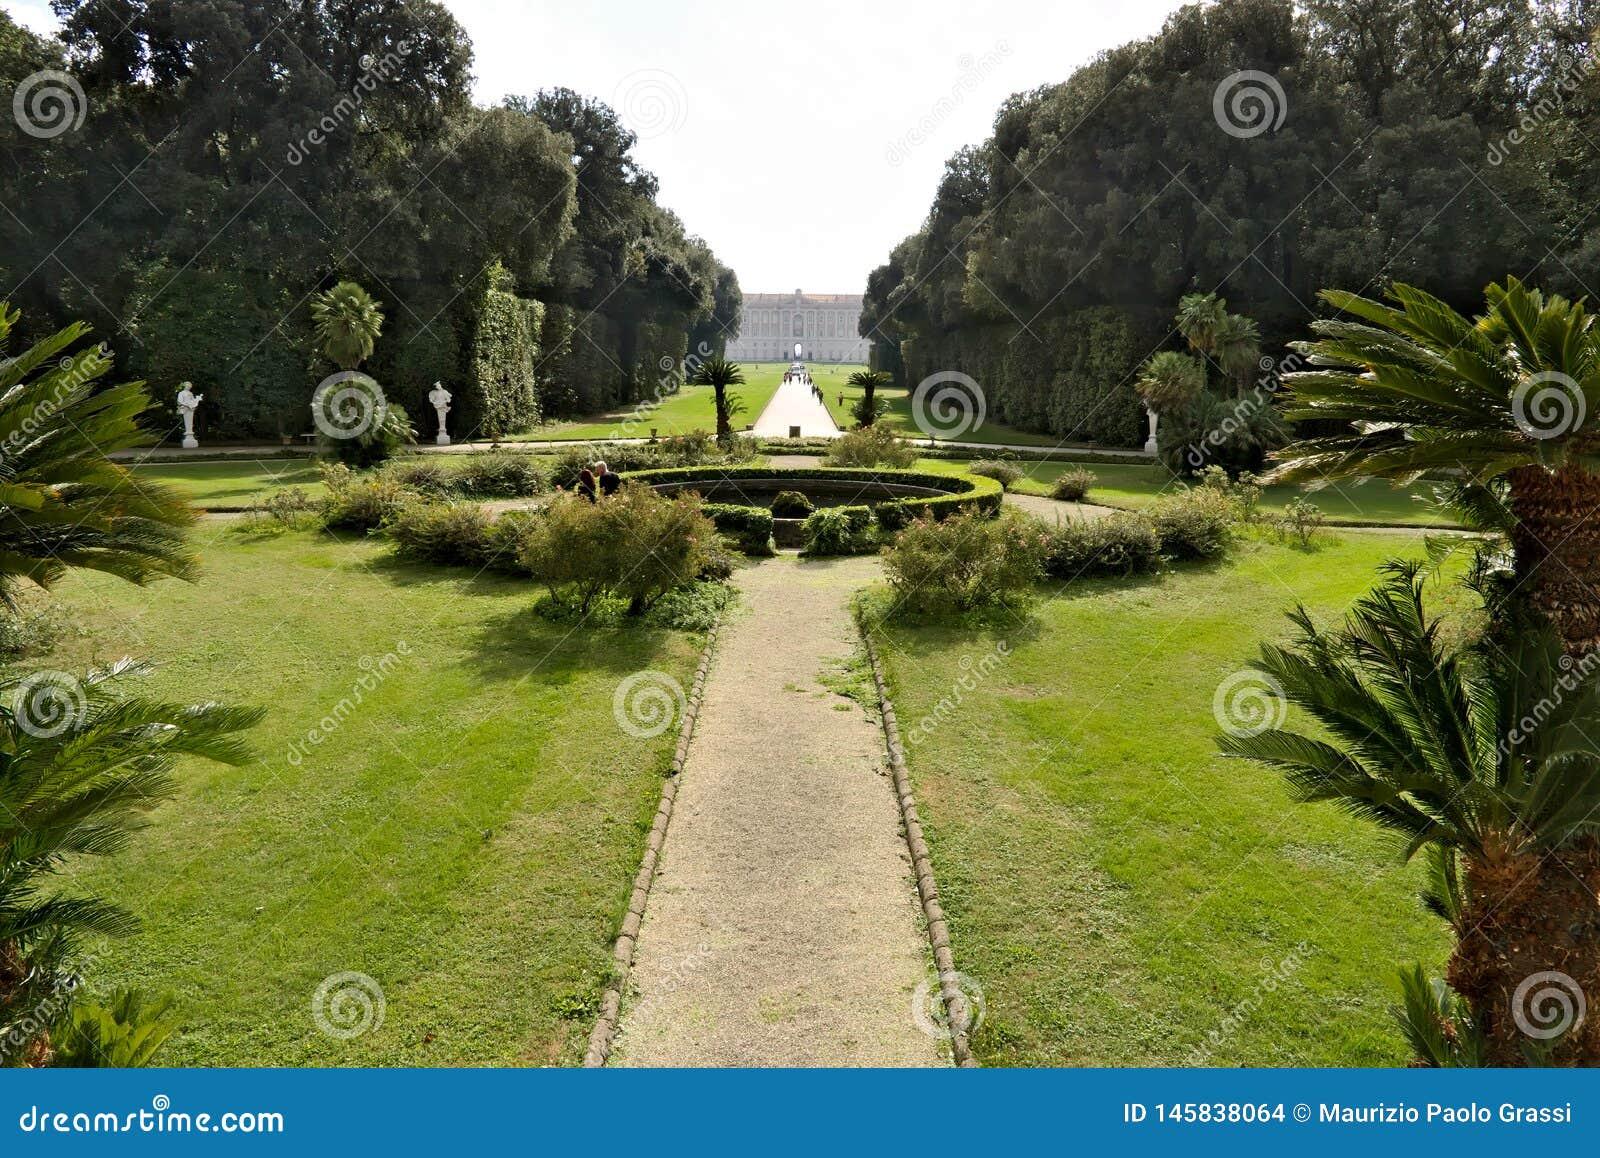 Di Caserta, Italia de Reggia 10/27/2018 Parque del palacio real El diseño de una piscina circular rodeada por un césped verde